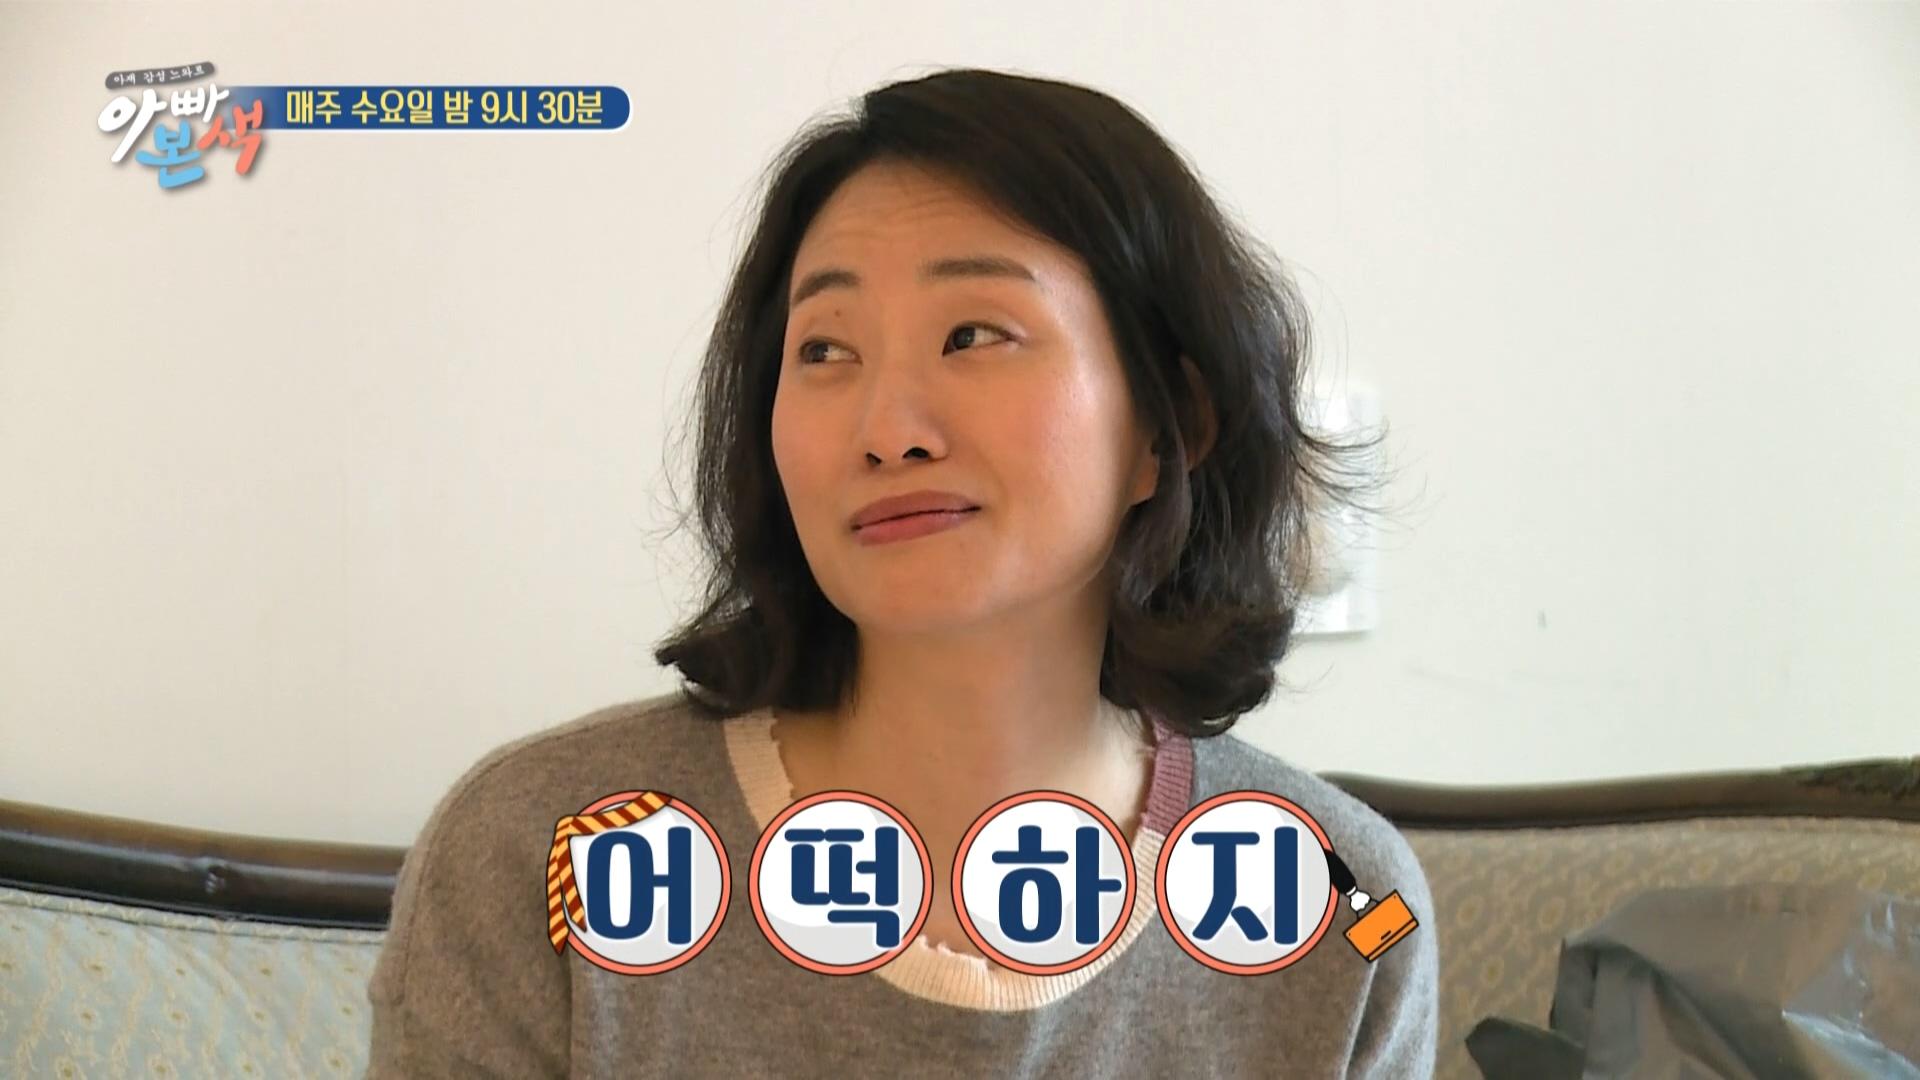 [선공개] 윤석, 아내의 깜짝 선물에 버럭 화낸 사연은? 이미지